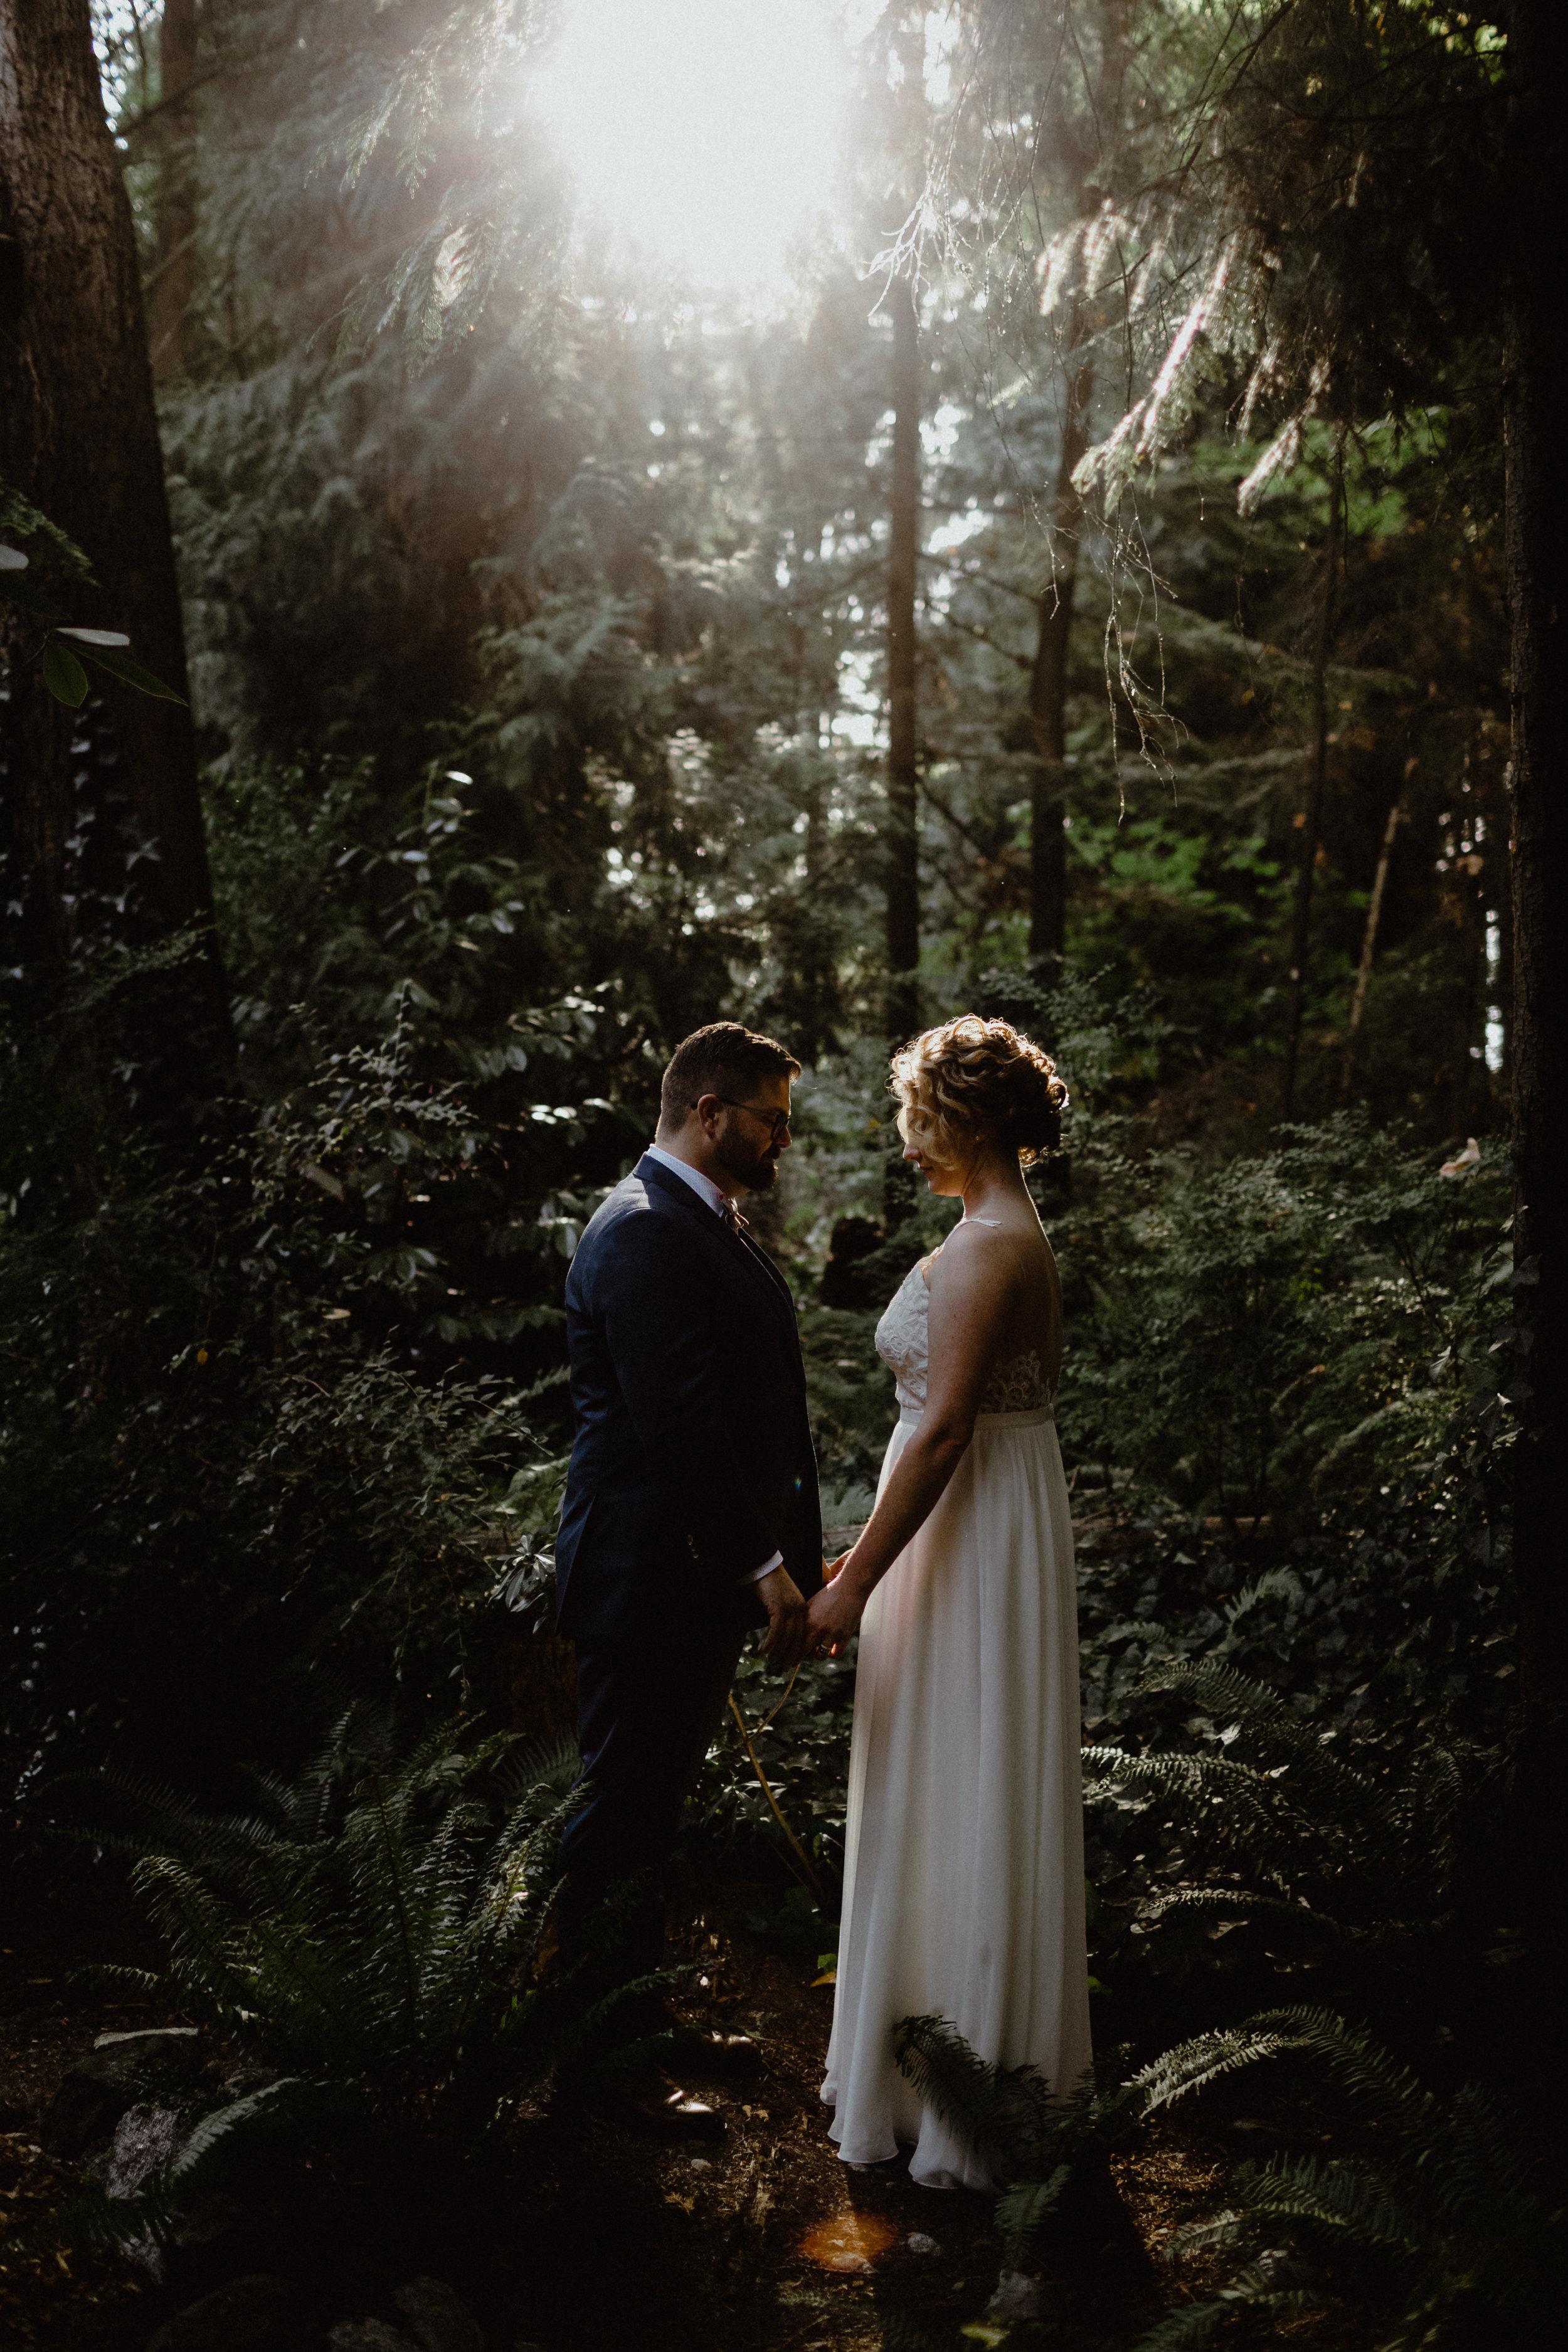 west-vancouver-backyard-wedding-196.jpg